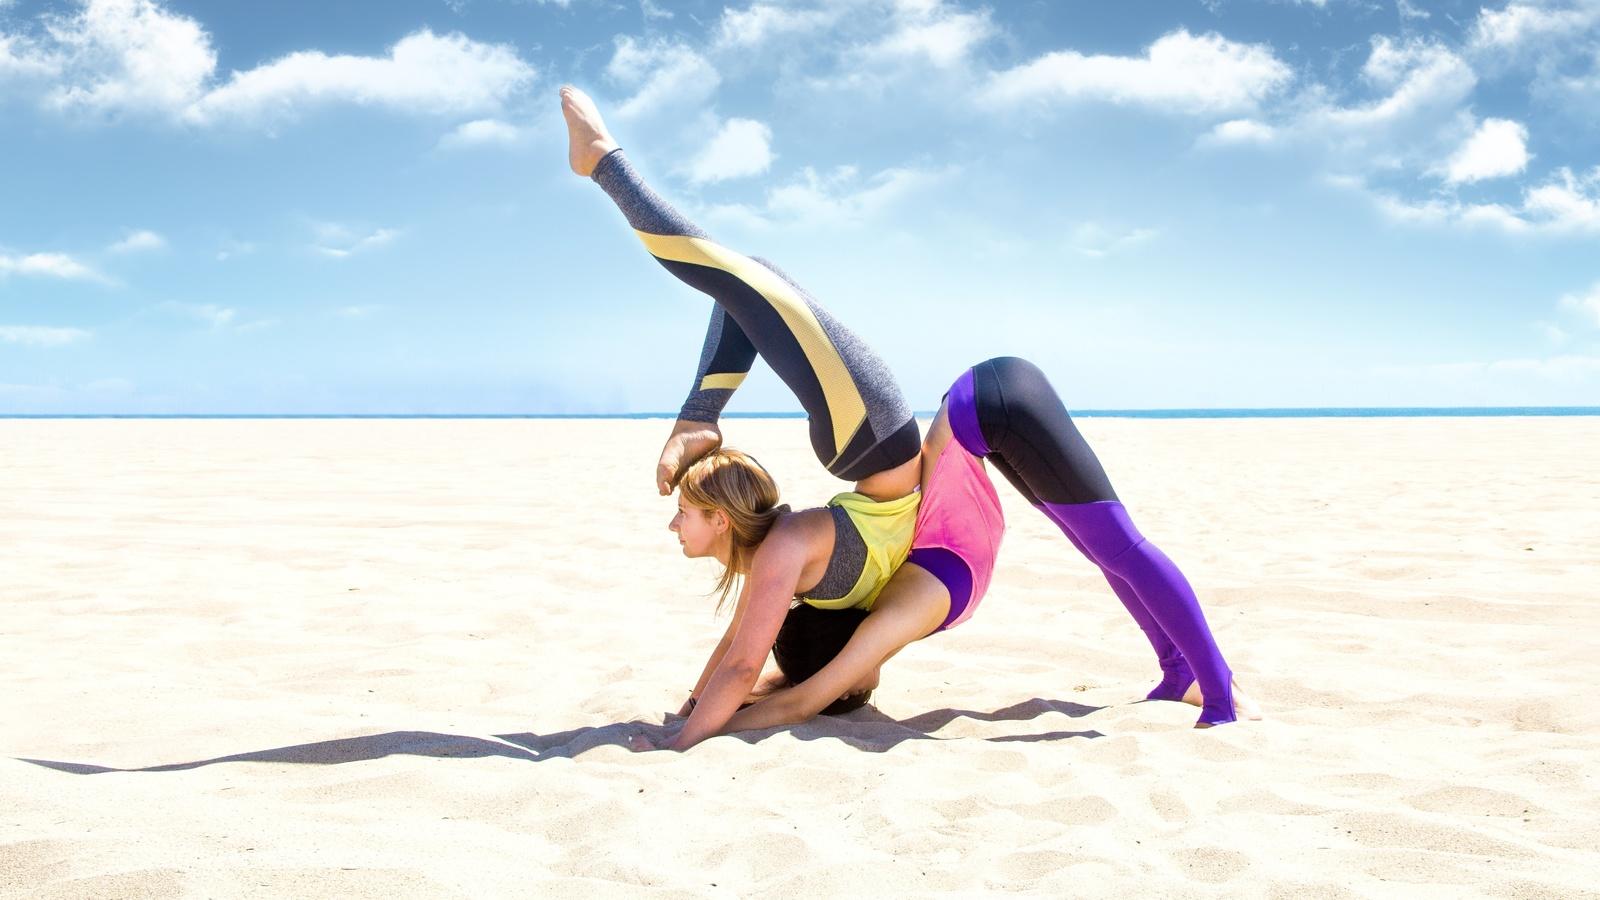 2 девушки, две, брюнетка, блондинка, йога, упражнение, поза, песок, пляж, небо, 2 womens, brunette, blonde, yoga, exercise, pose, sand, beach, sky